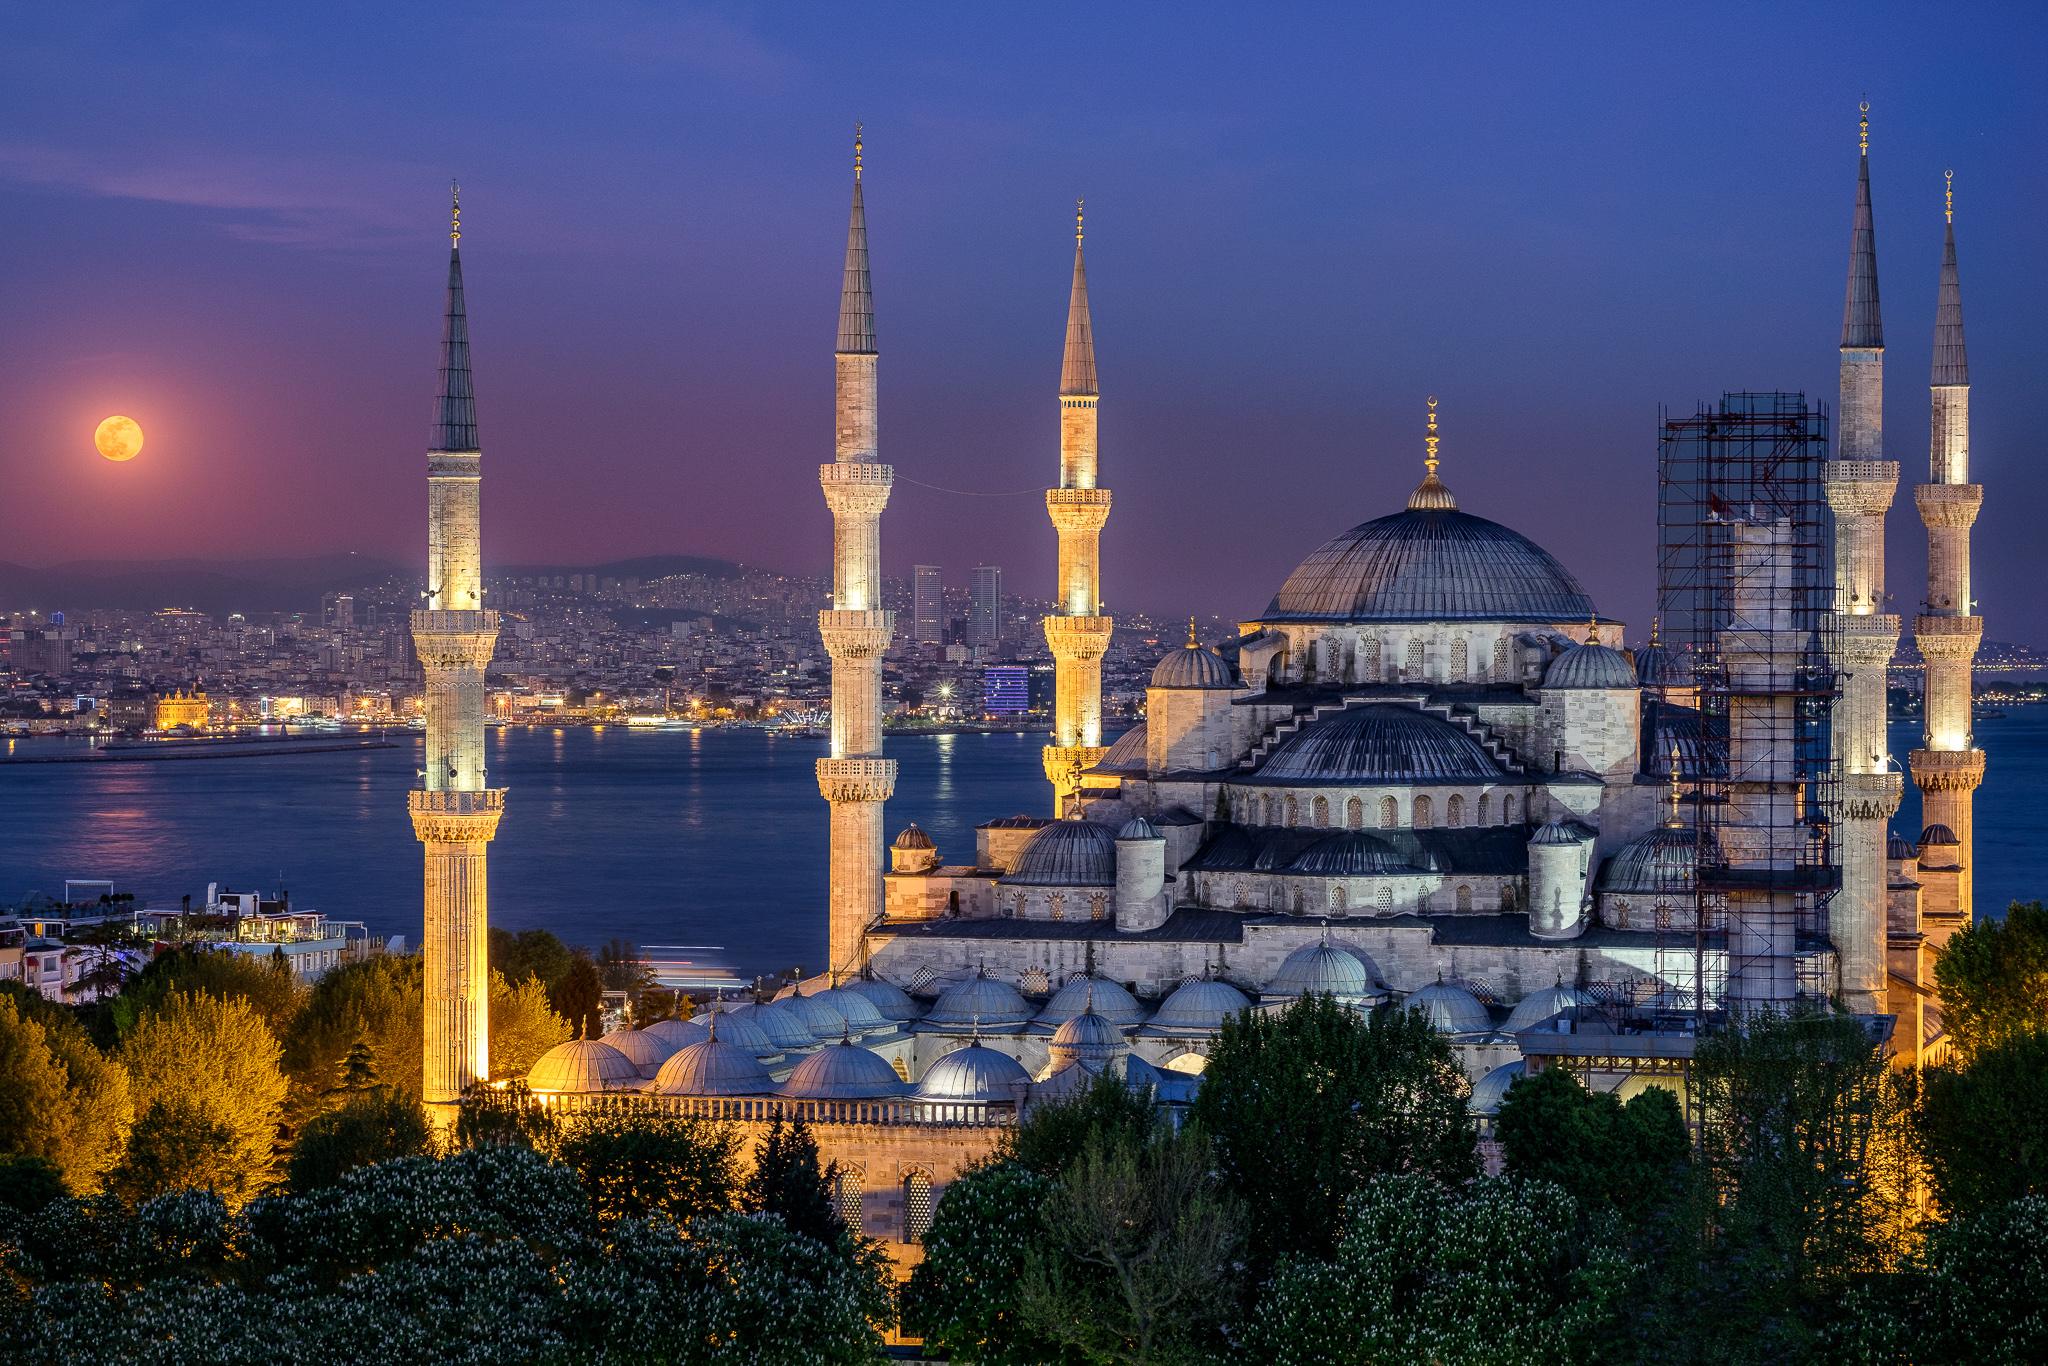 стамбул с голубой мечетью картинки фотографии